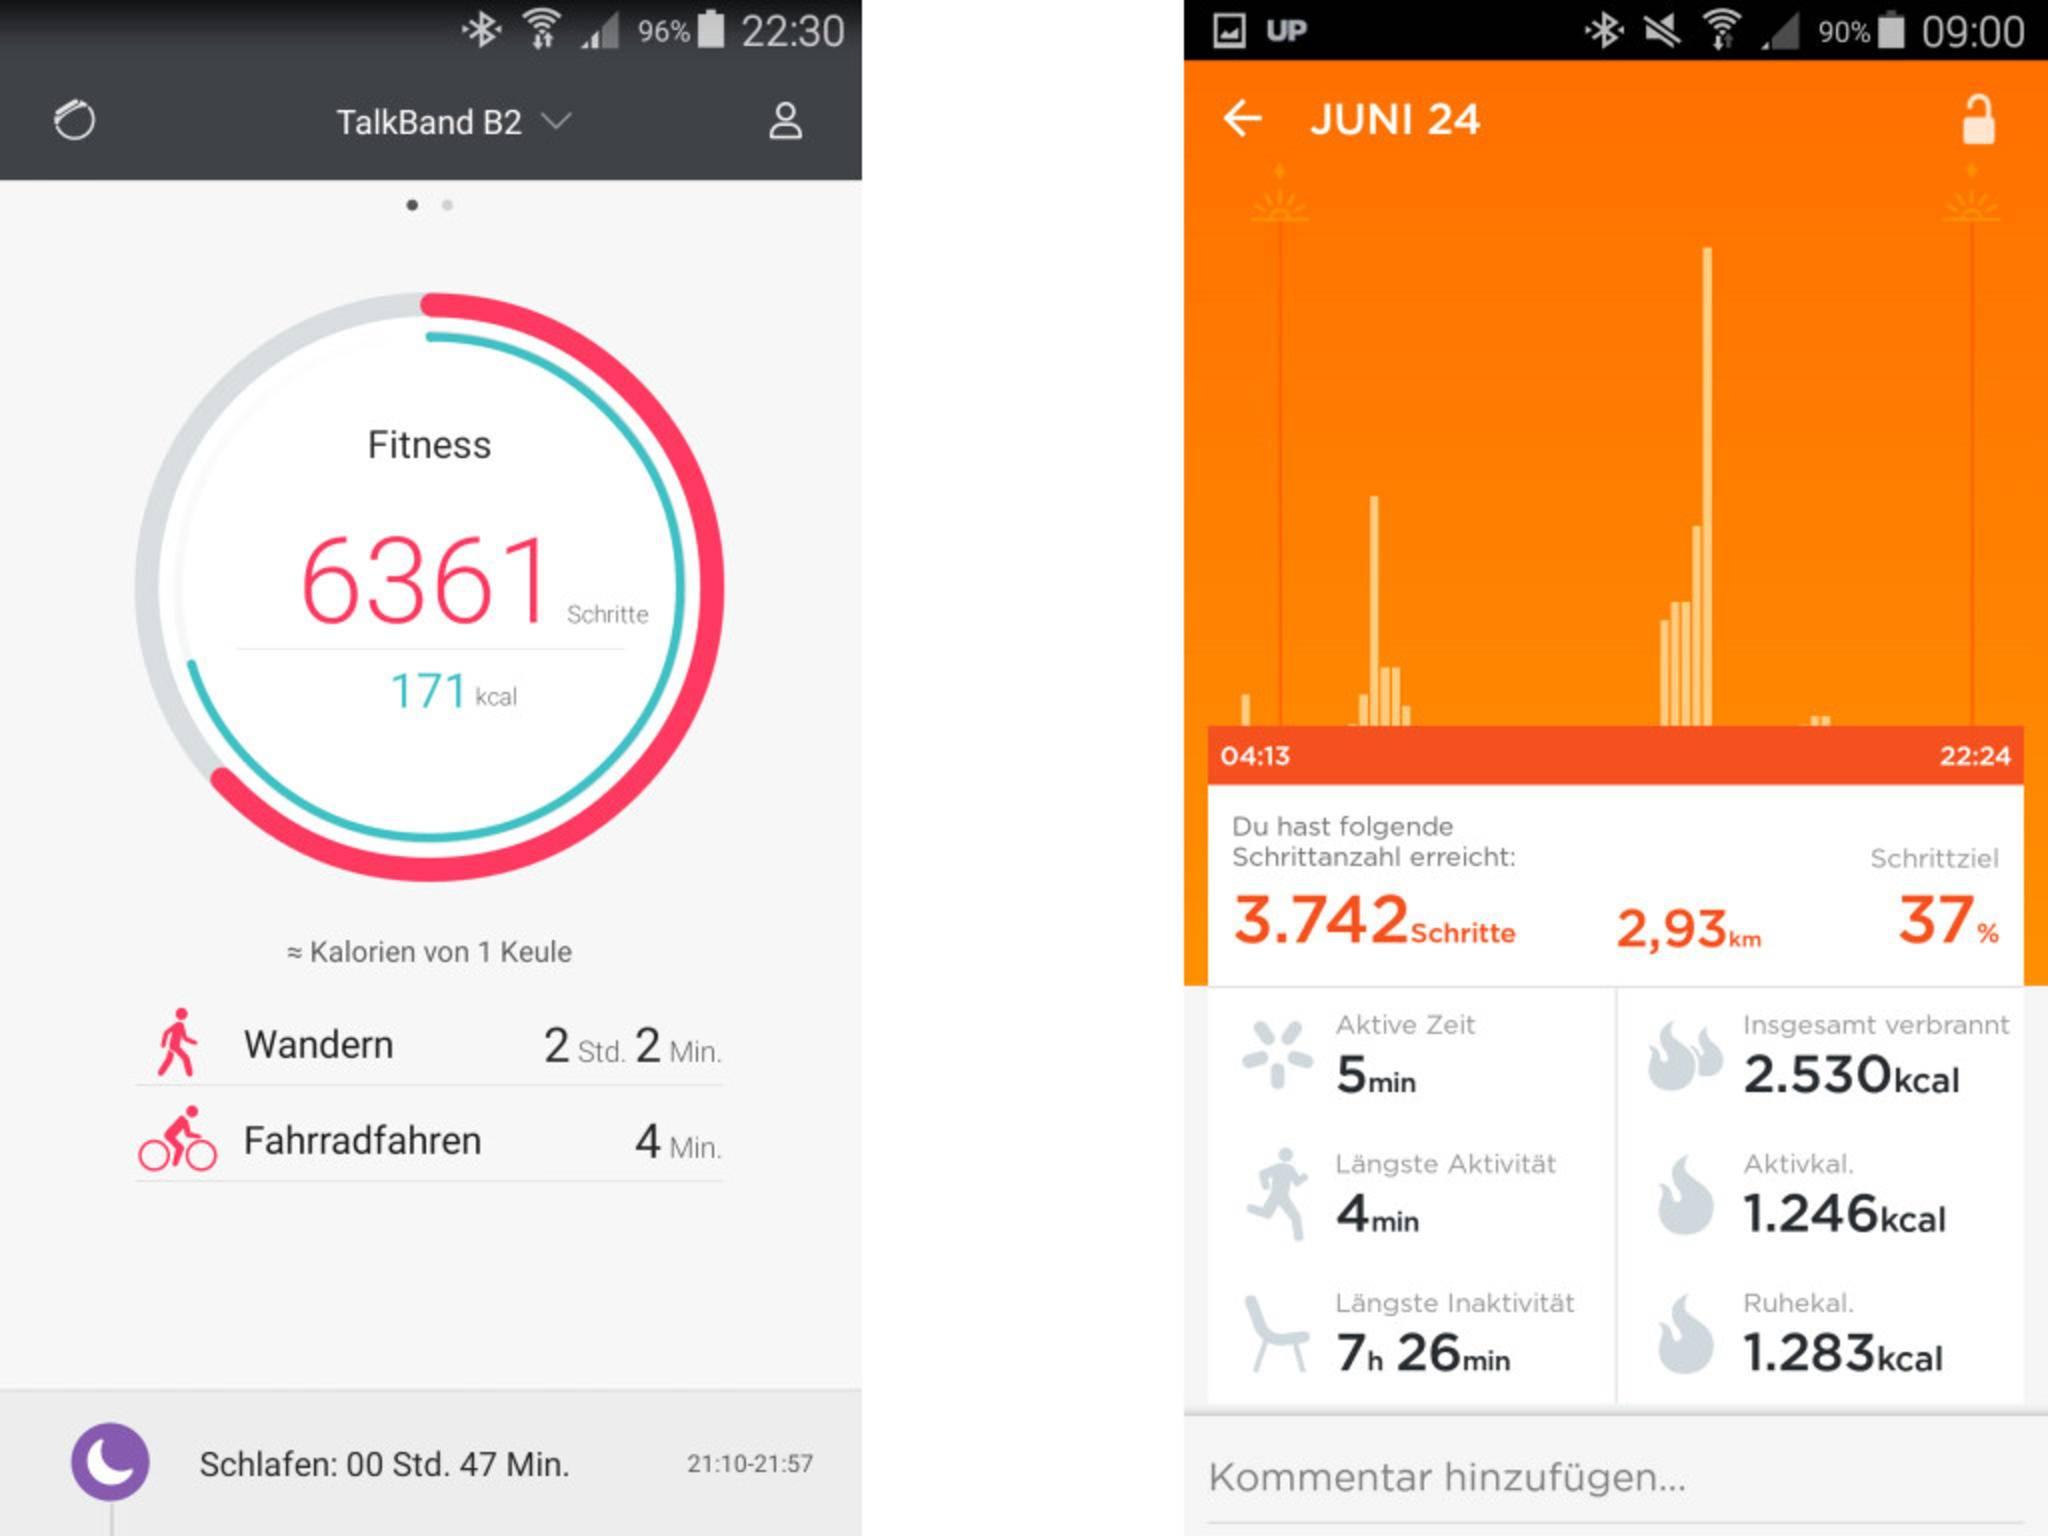 Bei der Übertragung an die Up-App wurden aus 6361 plötzlich 3742 Schritte.